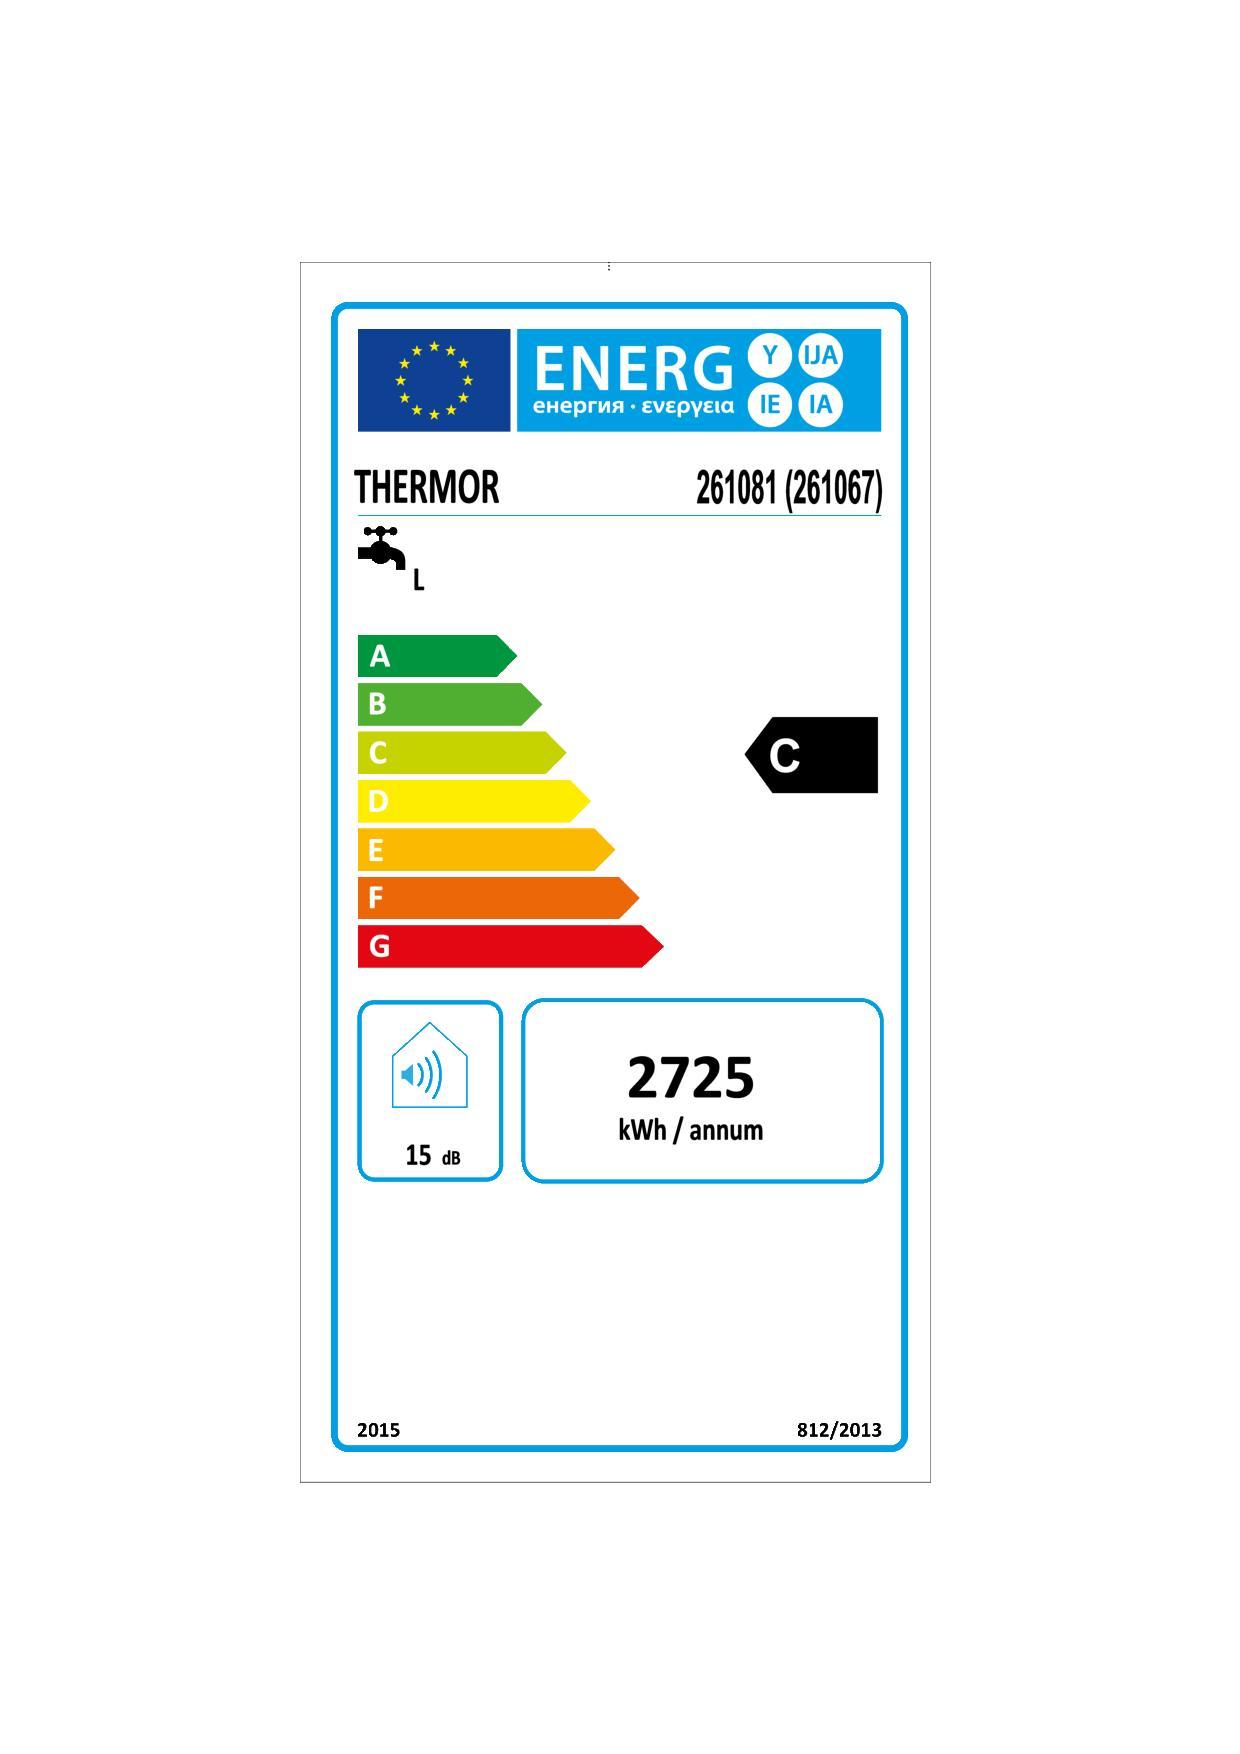 Etiquette énergétique Chauffe-eau Thermor Duralis 261067